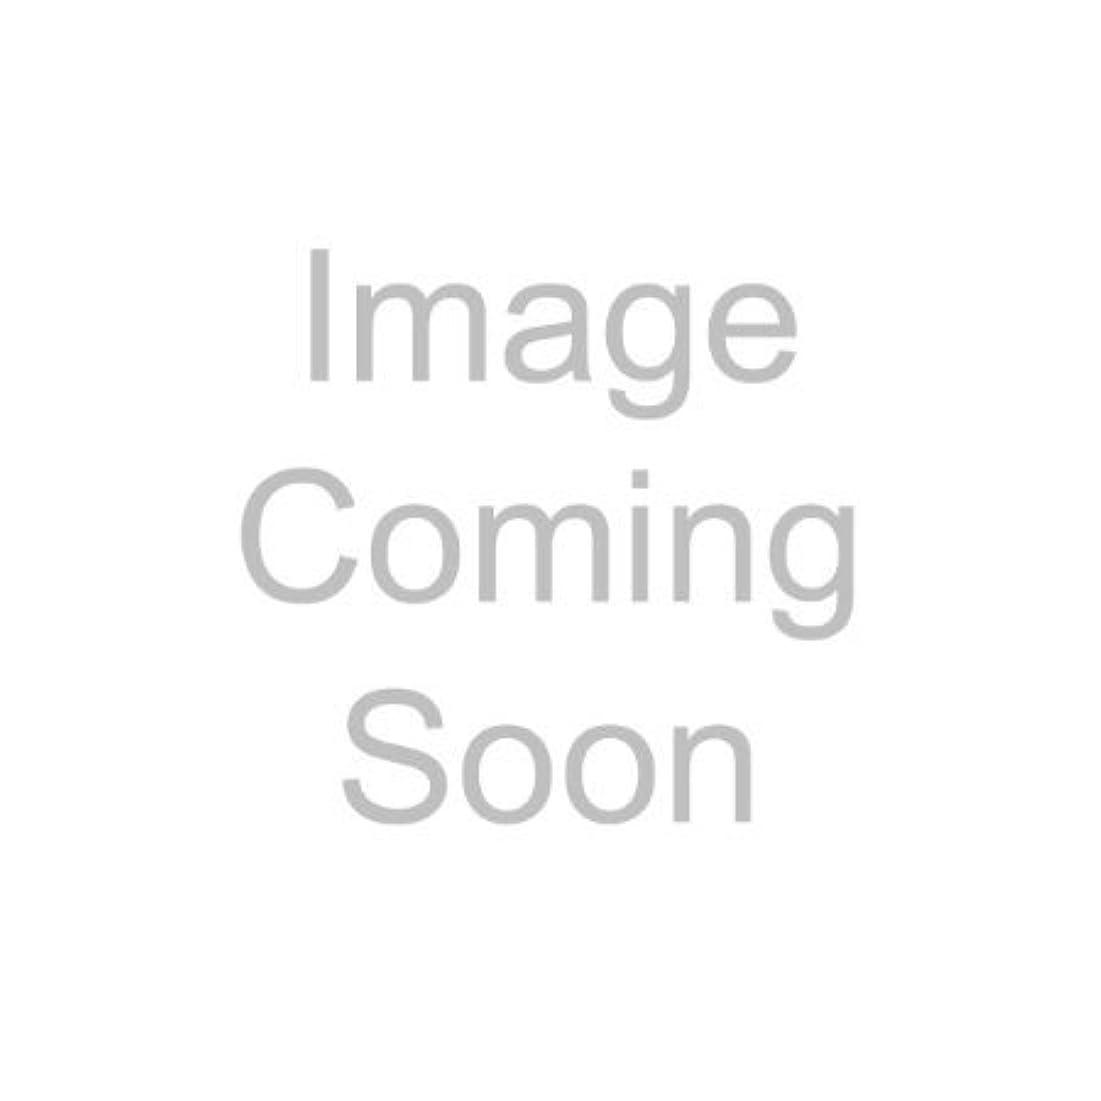 意味する条約花輪エリザベスアーデン ビジブル ホワイトニング メラニン コントロール ナイトカプセル トラベルセット 17.2mlx3(37カプセルx3) [並行輸入品]